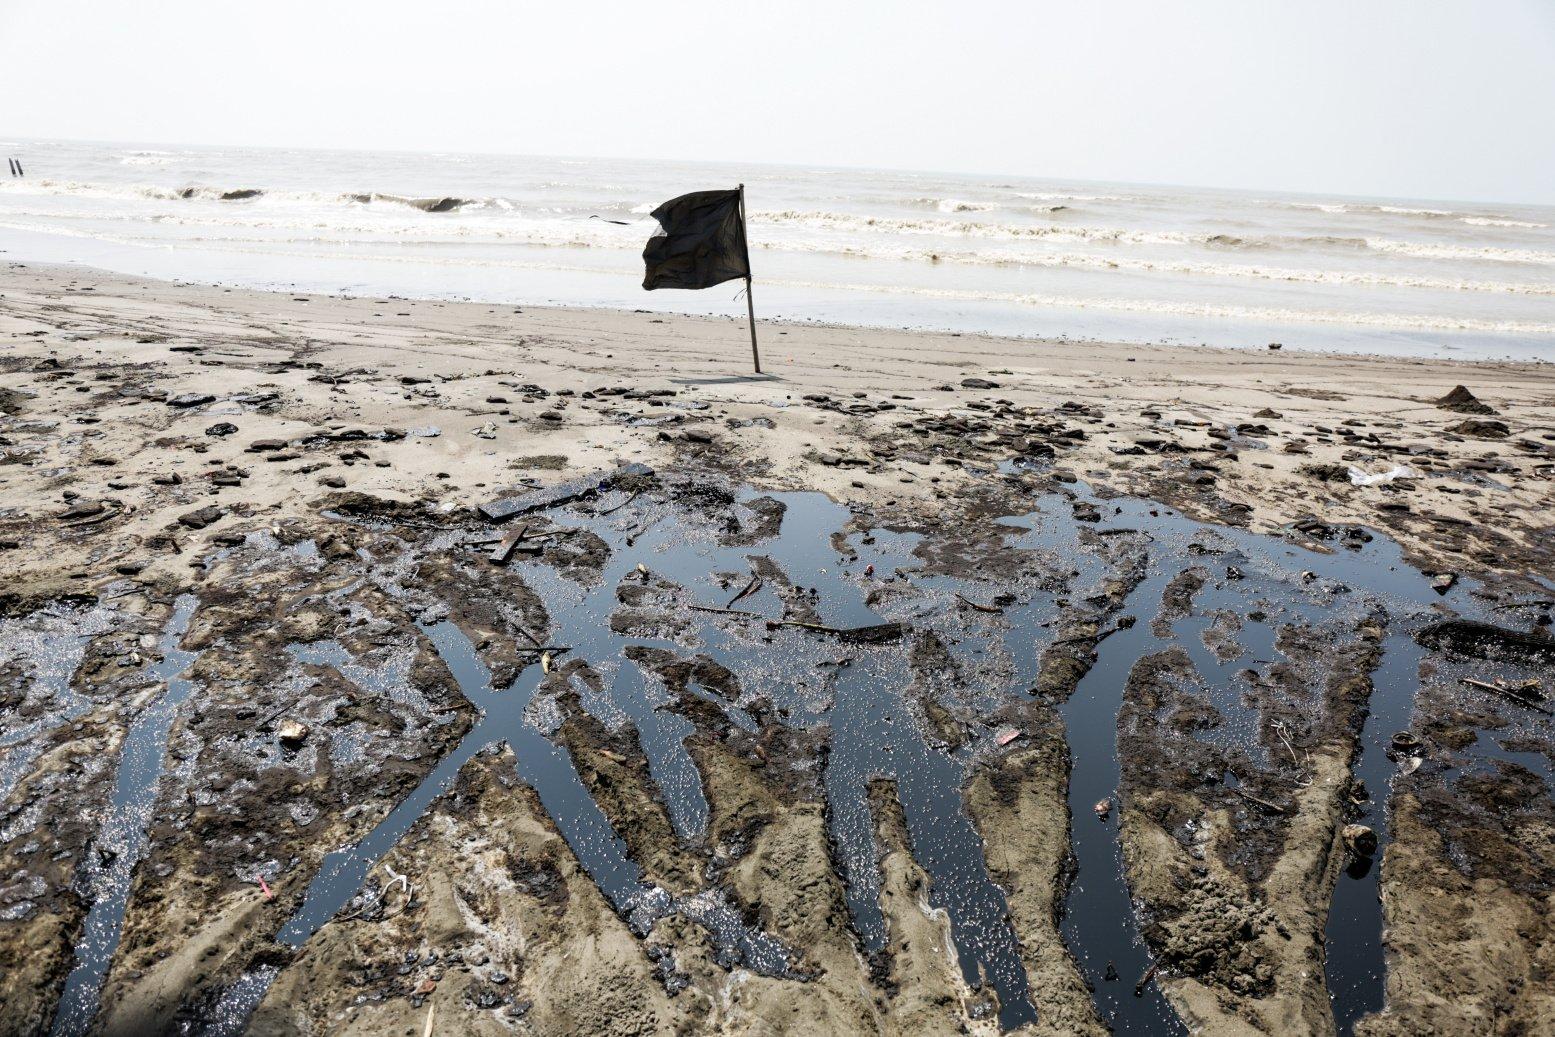 Minyak mentah Pertamina menyebar di Pesisir Pantai Cemarajaya, Karawang, Jawa Barat, Jumat (2/8/2019).